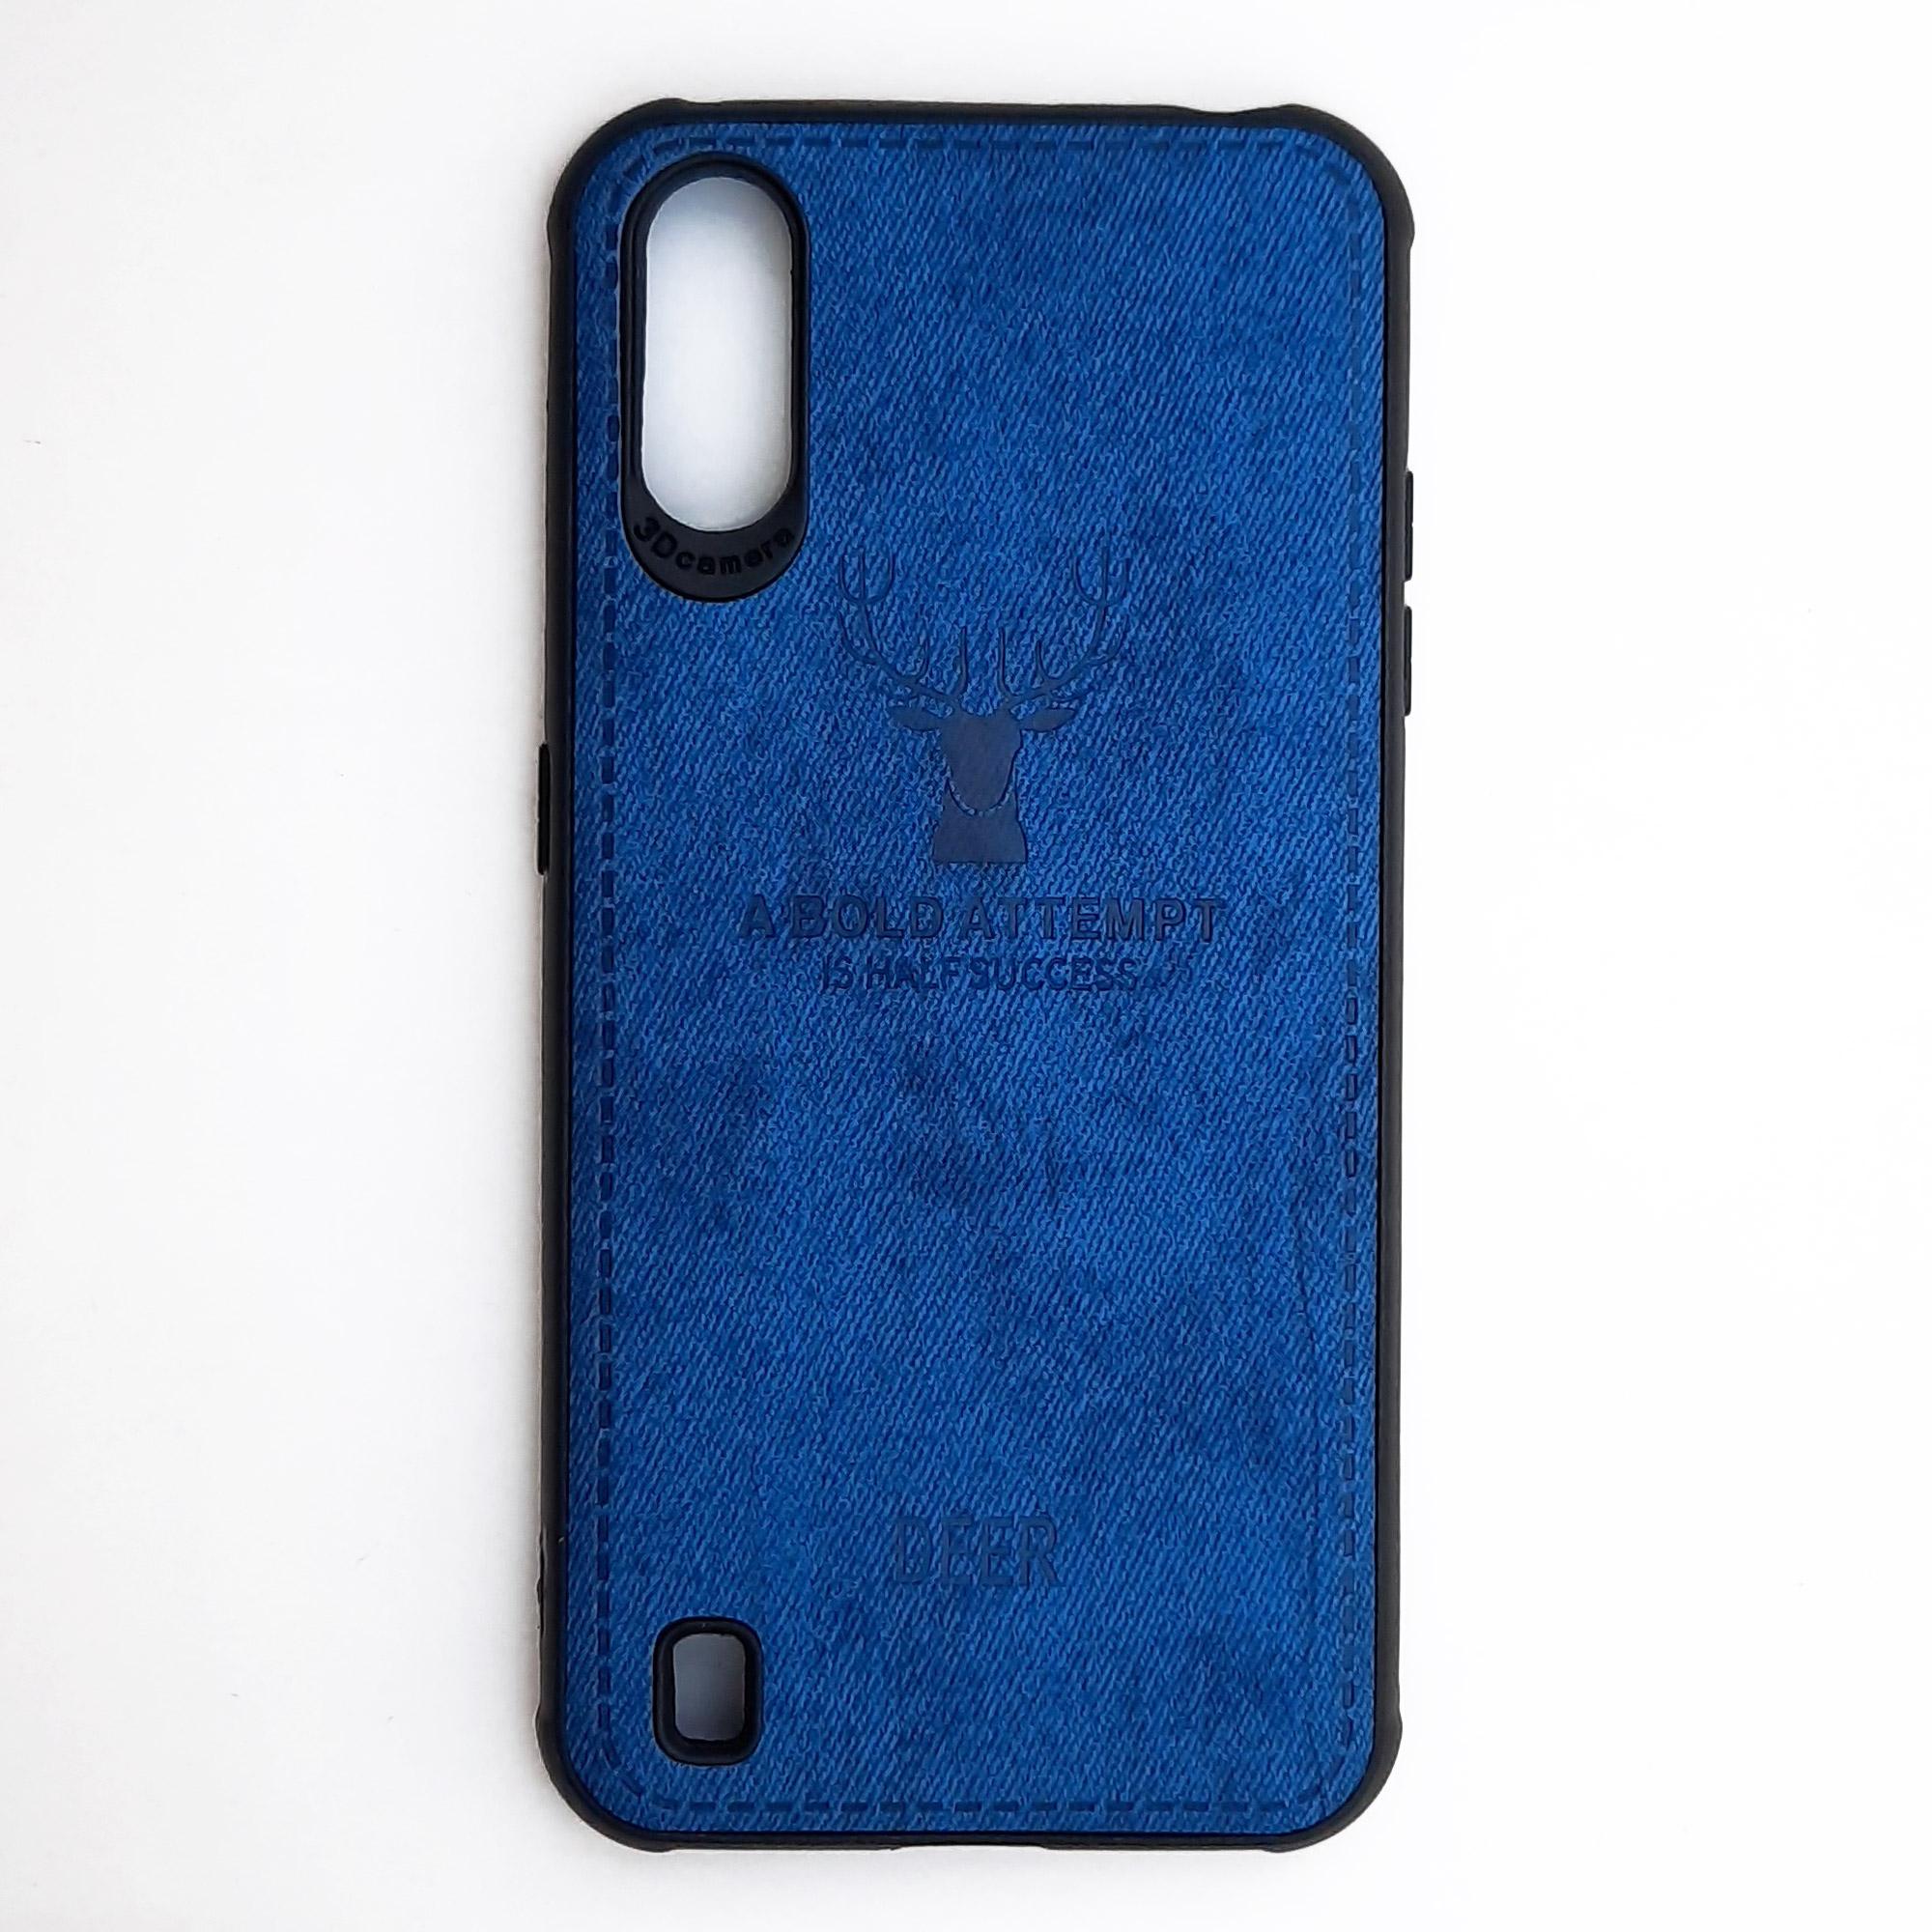 کاور مدل CO503 طرح گوزن مناسب برای گوشی موبایل سامسونگ Galaxy A01 main 1 7